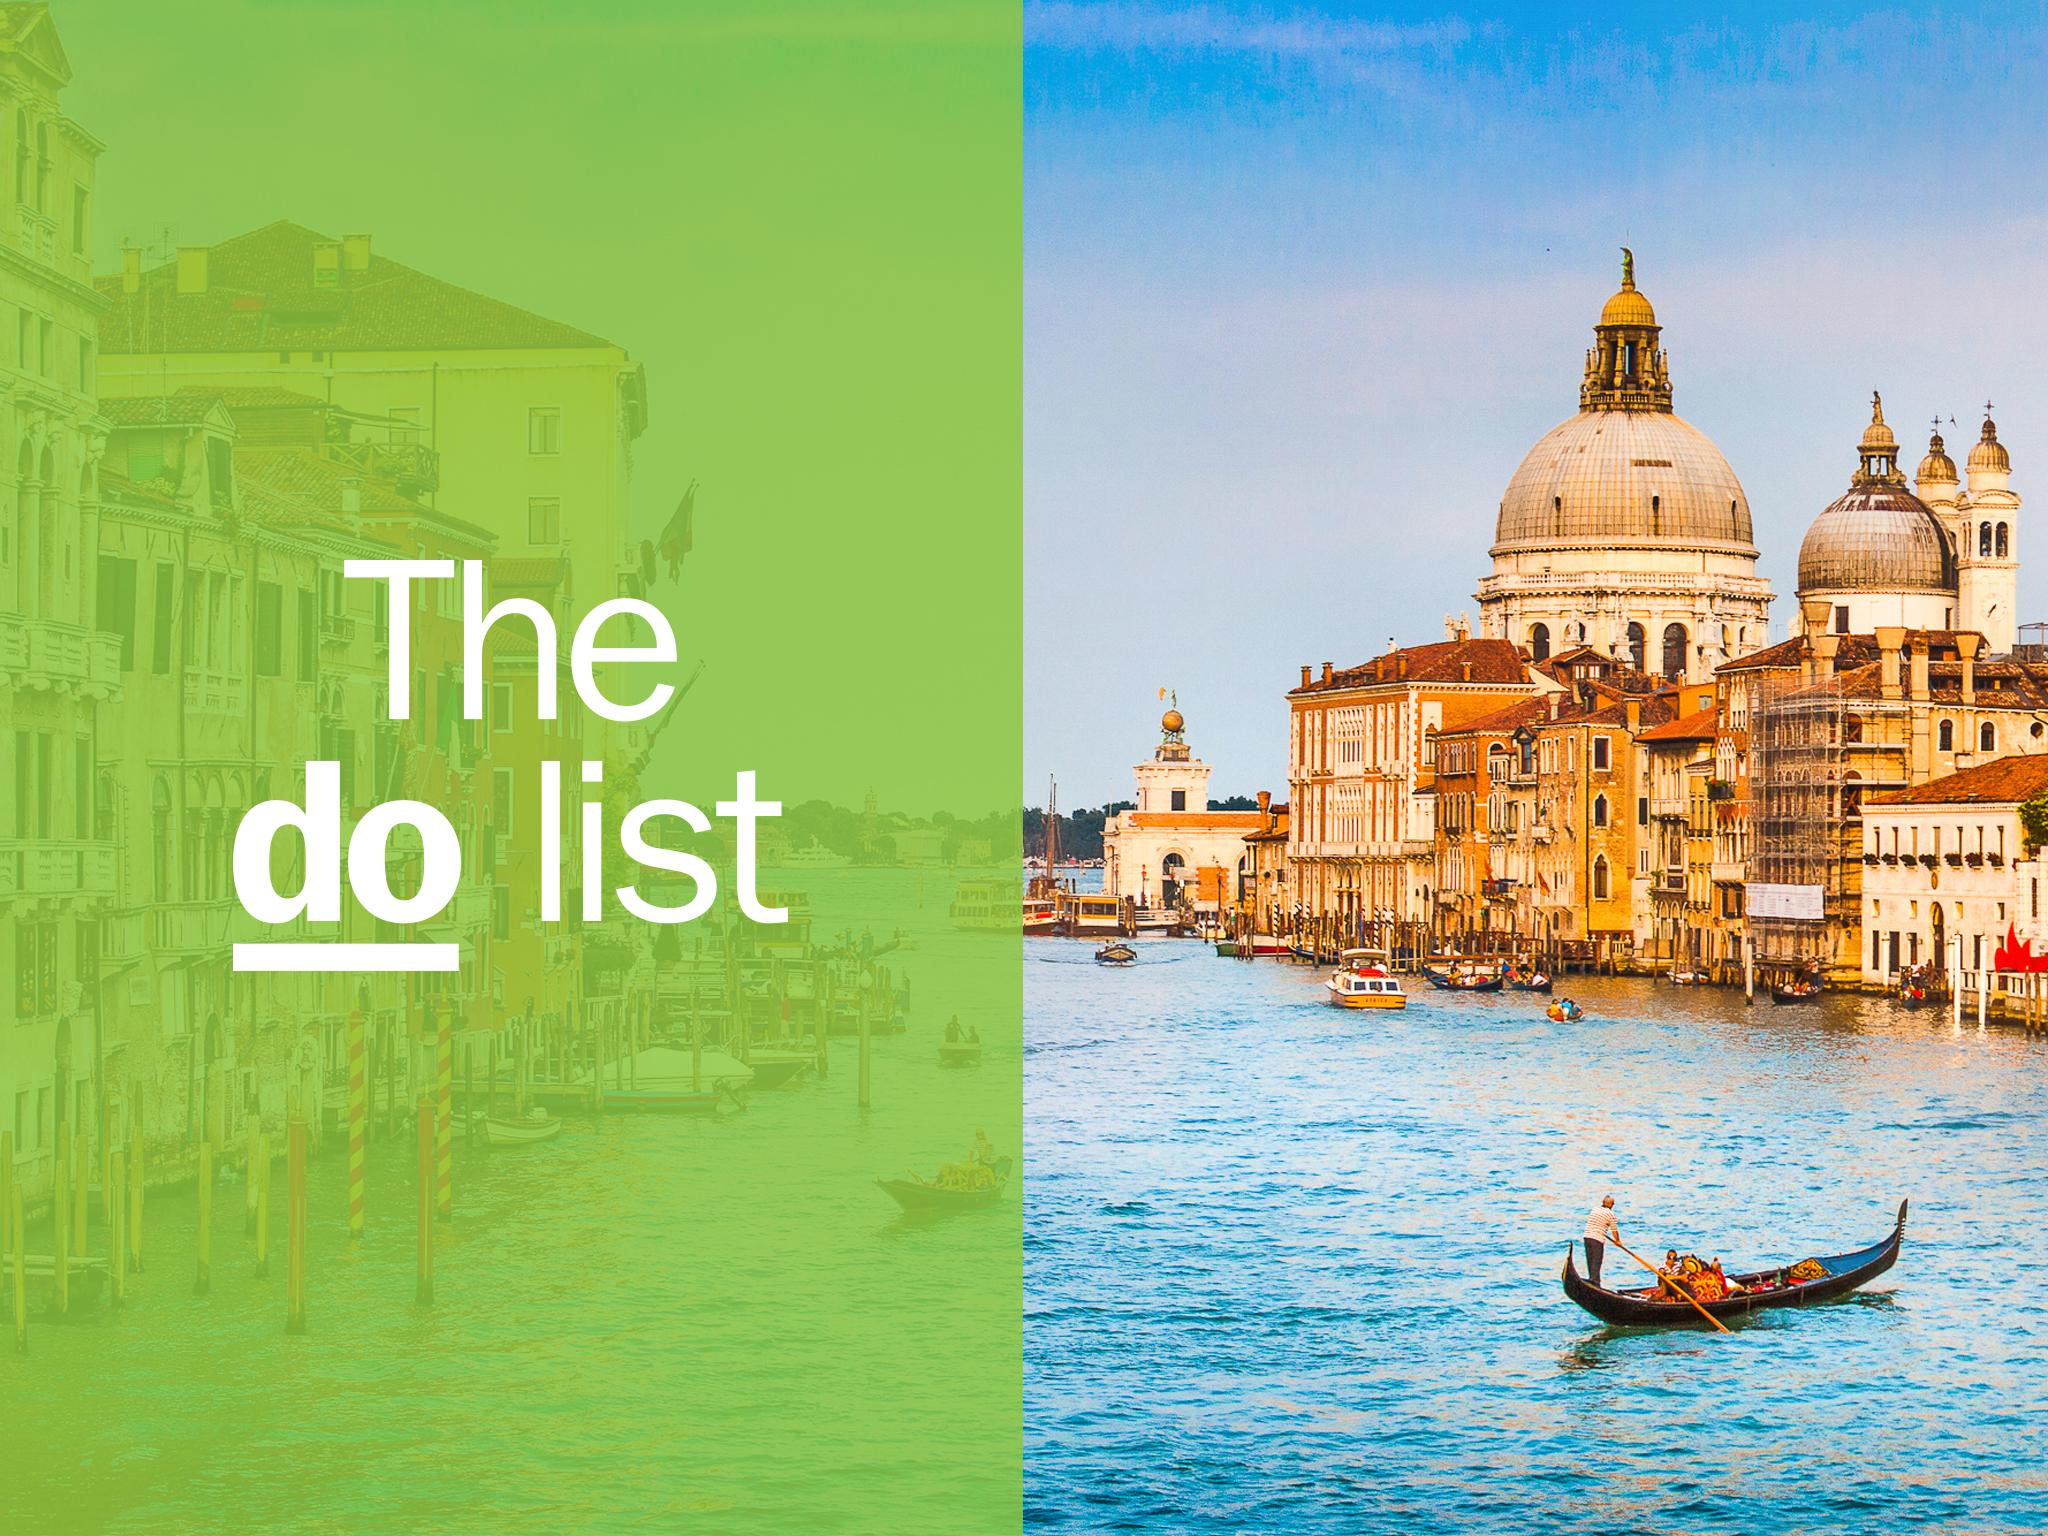 My Top Five: Venice